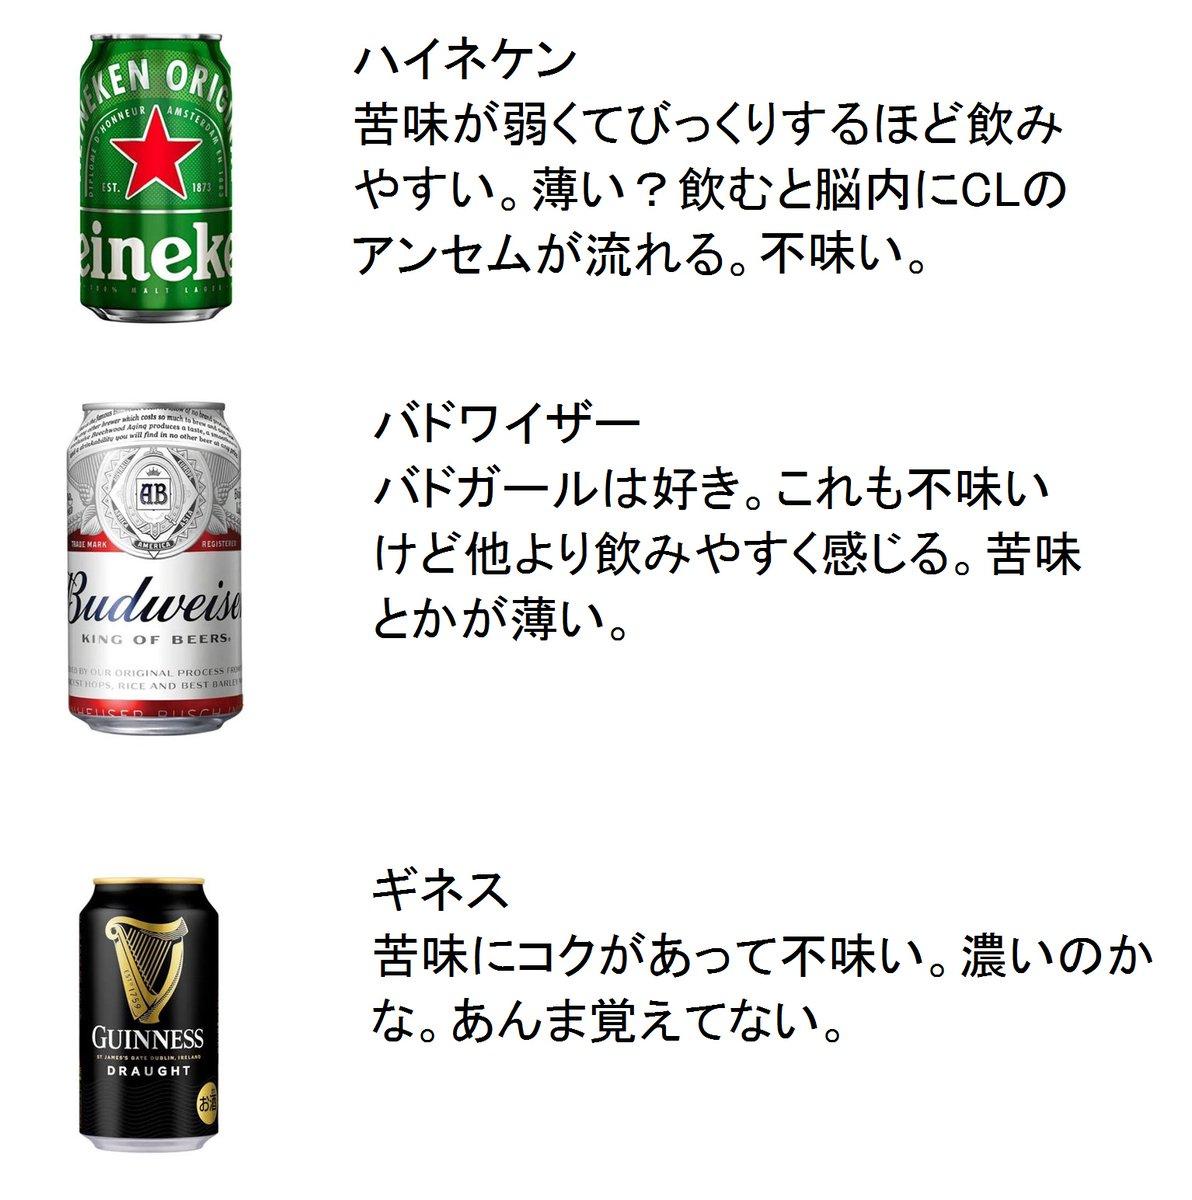 「大人になればビールを美味しく感じるようになる」